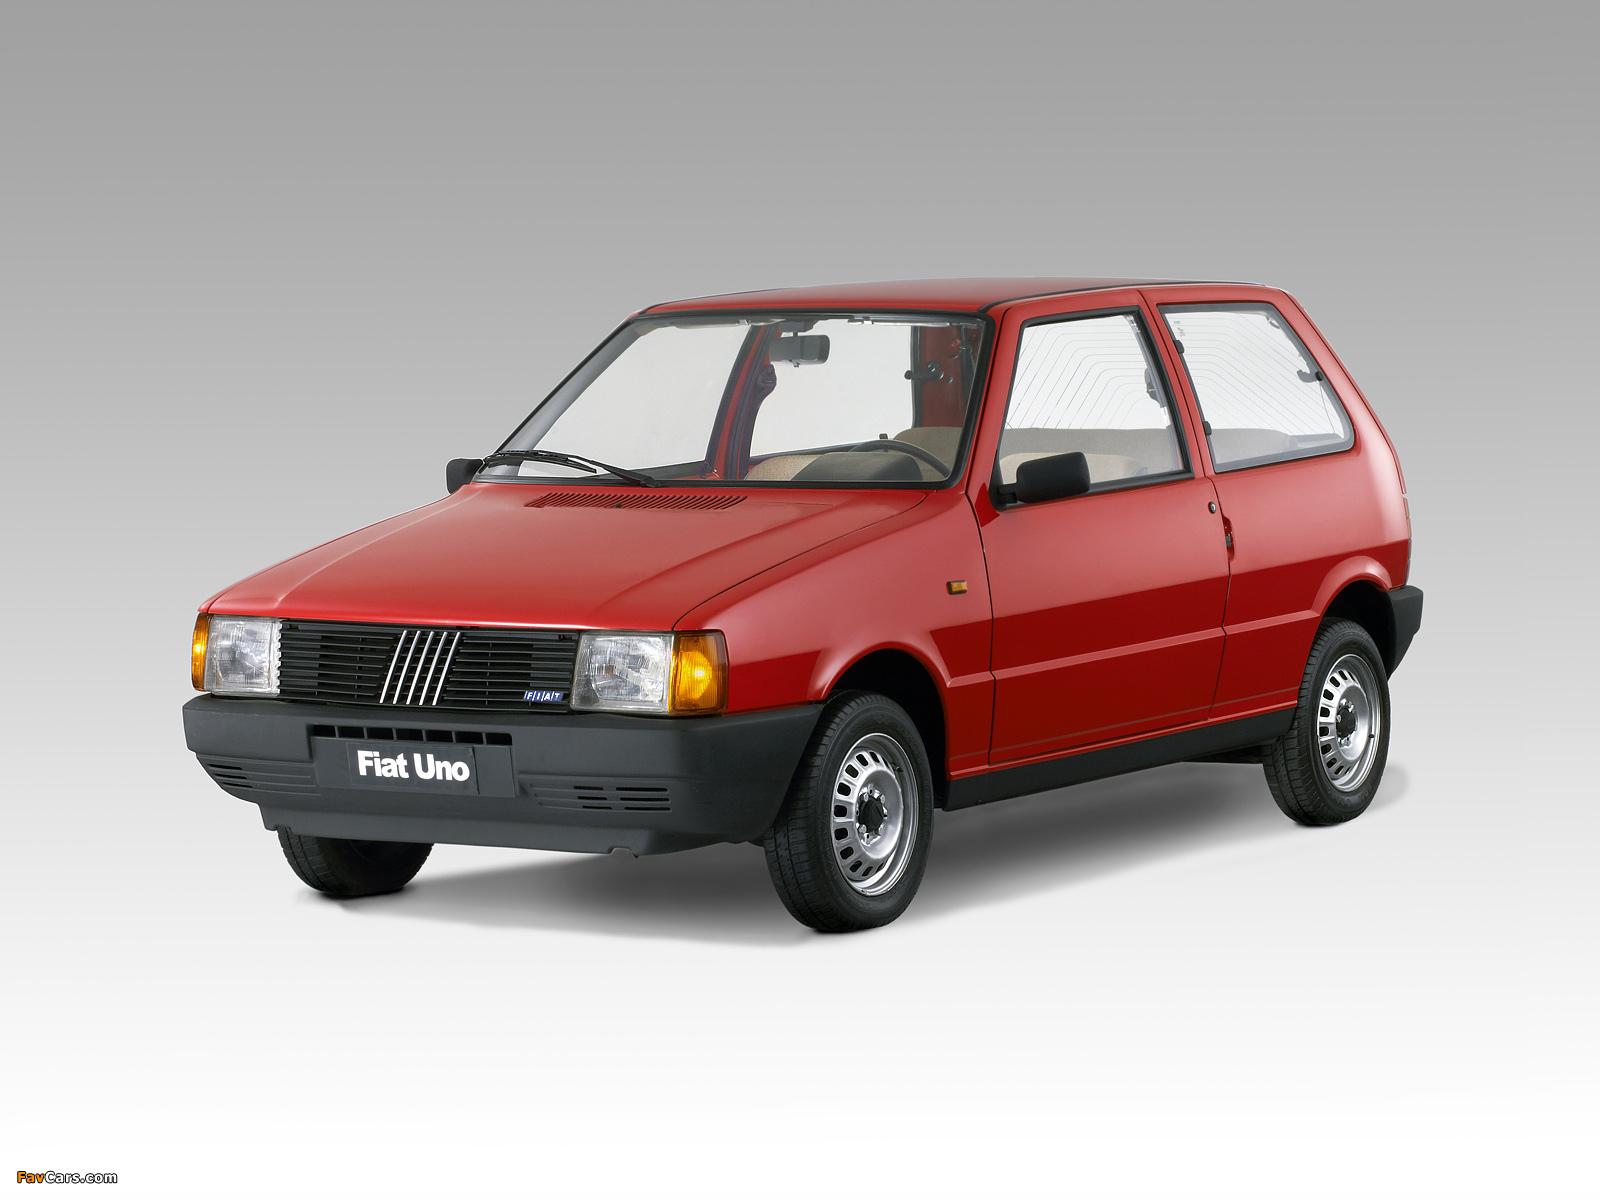 Fiat Uno 3 Door 146 1983 89 Wallpapers 1600x1200